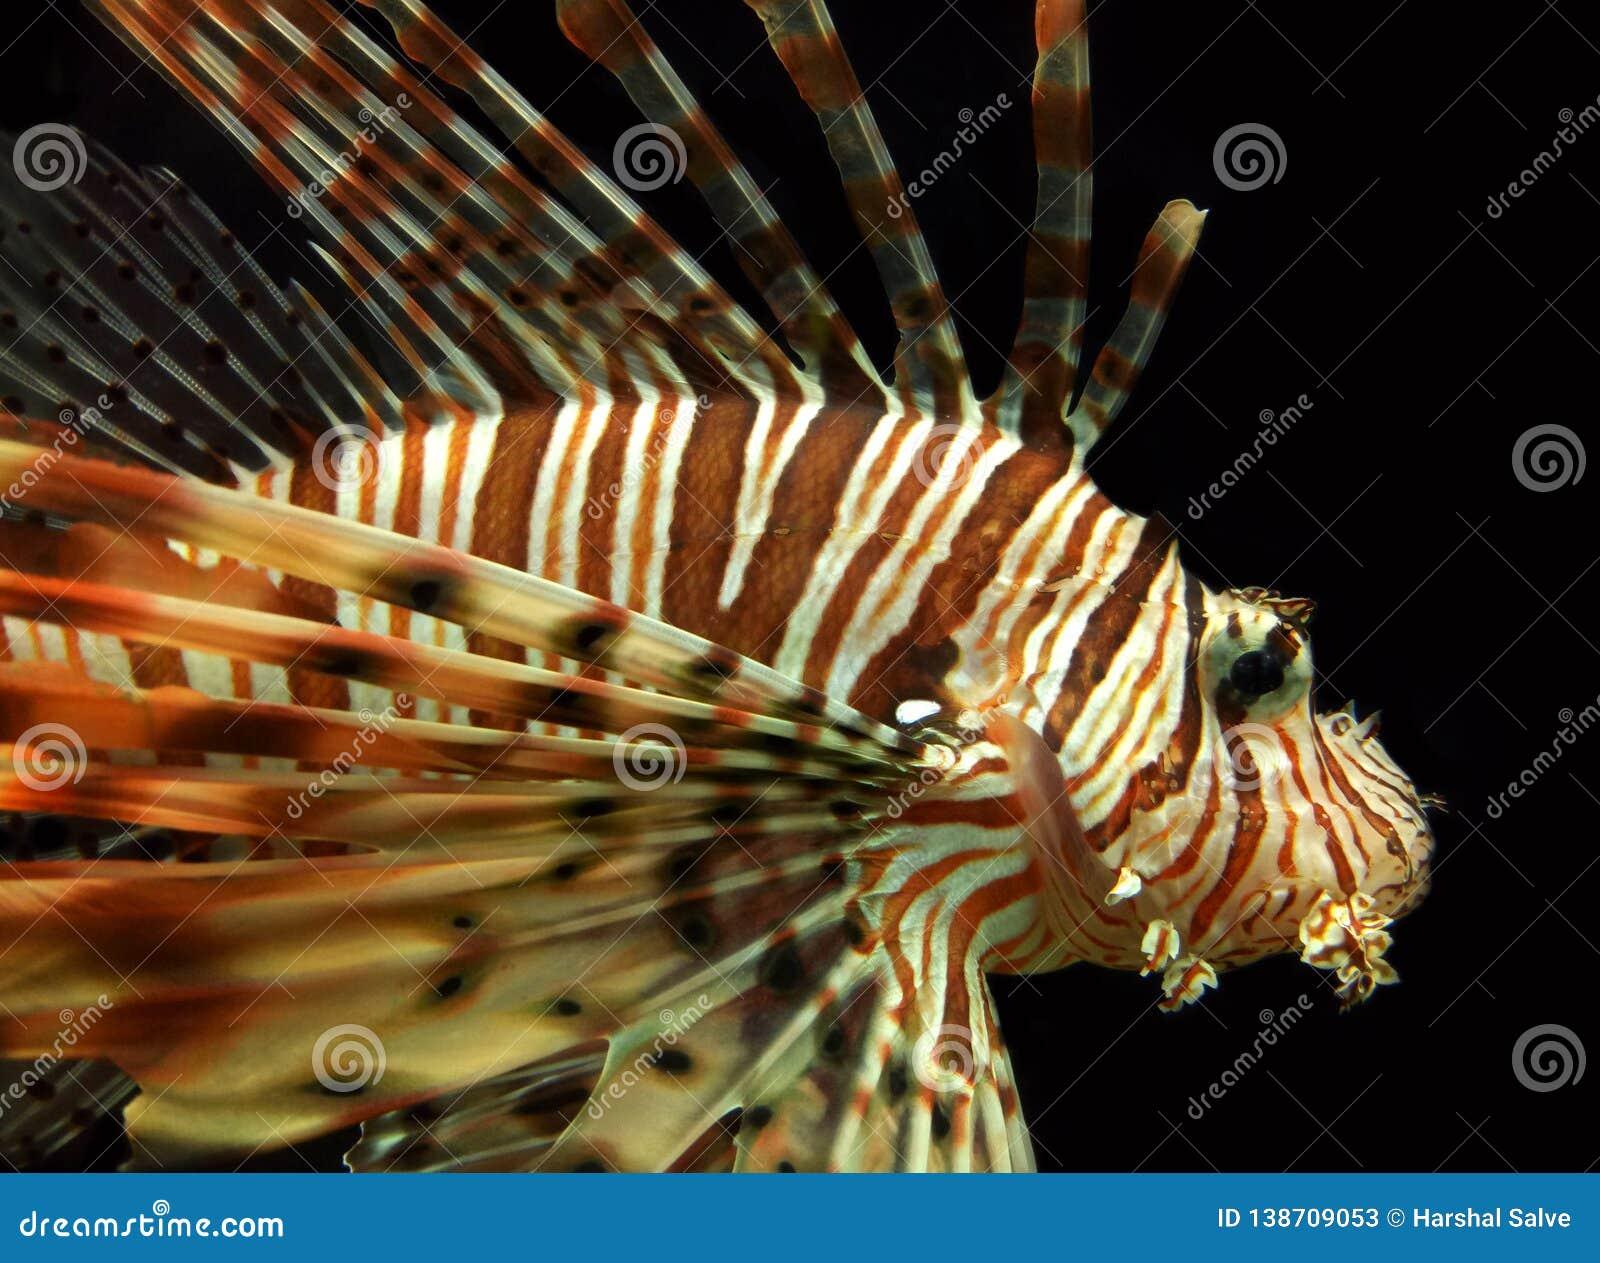 Animale acquatico del Lionfish rosso